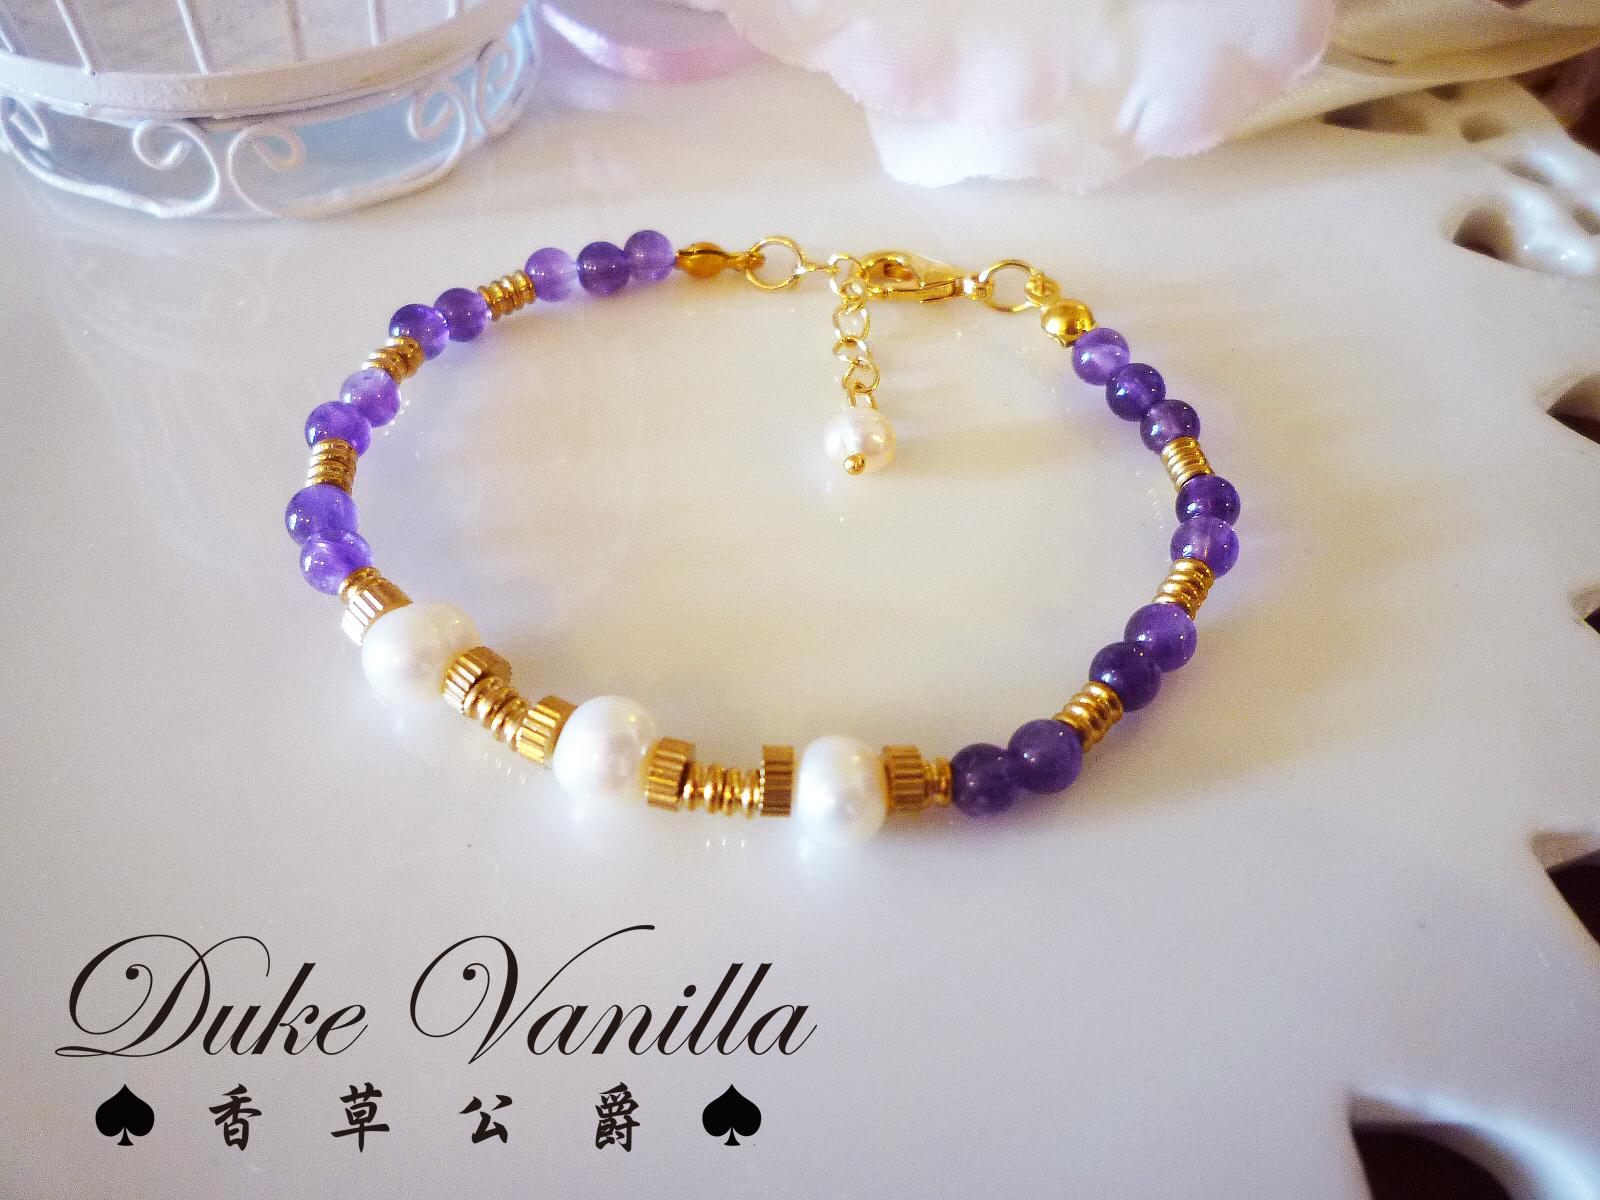 淡水珍珠紫水晶手環  無電鍍低過敏 - Duke Vanilla 香草公爵